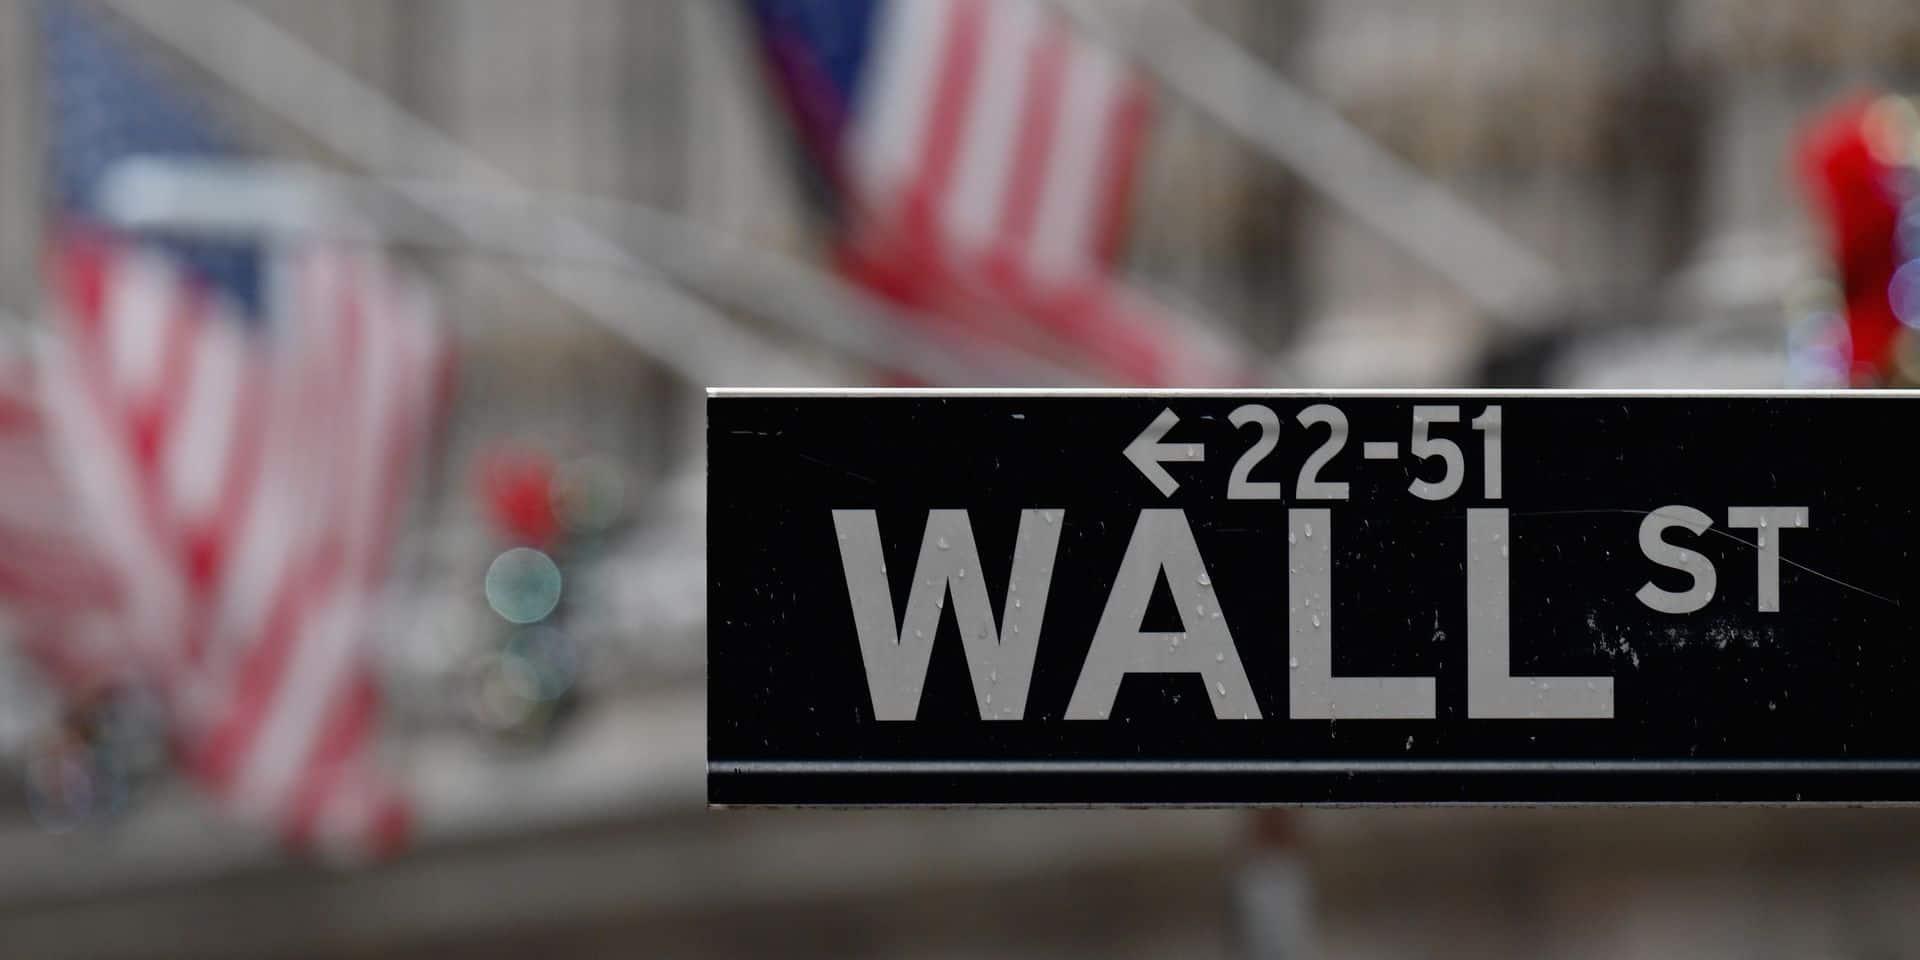 La mutation du Covid-19 jette un froid sur Wall Street